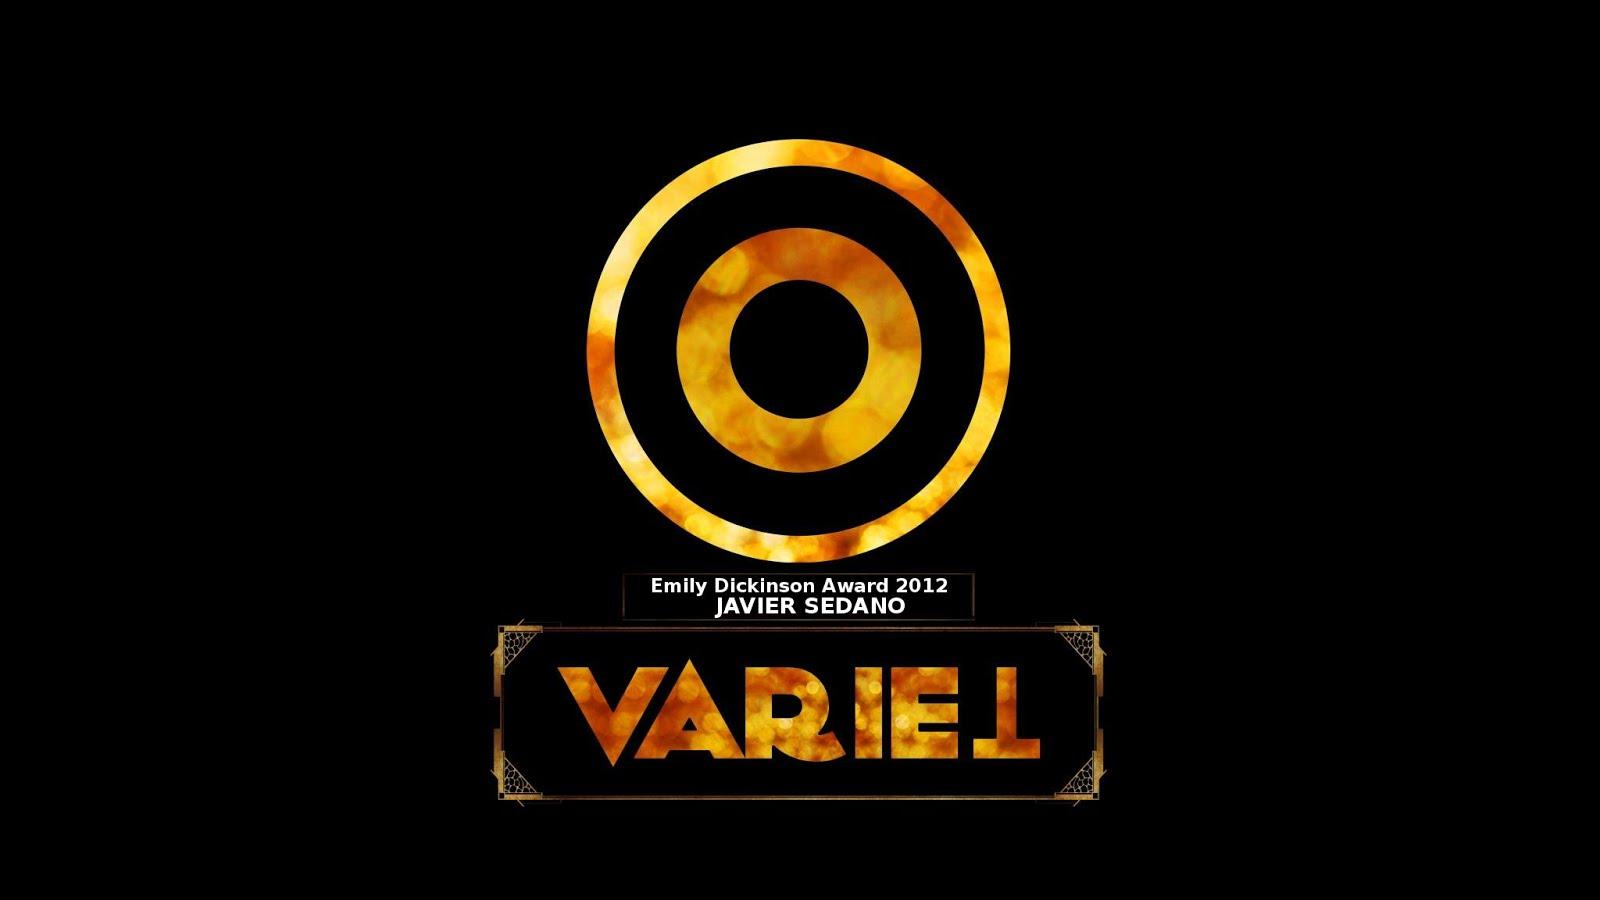 PREMIOS VARIE-T 2012